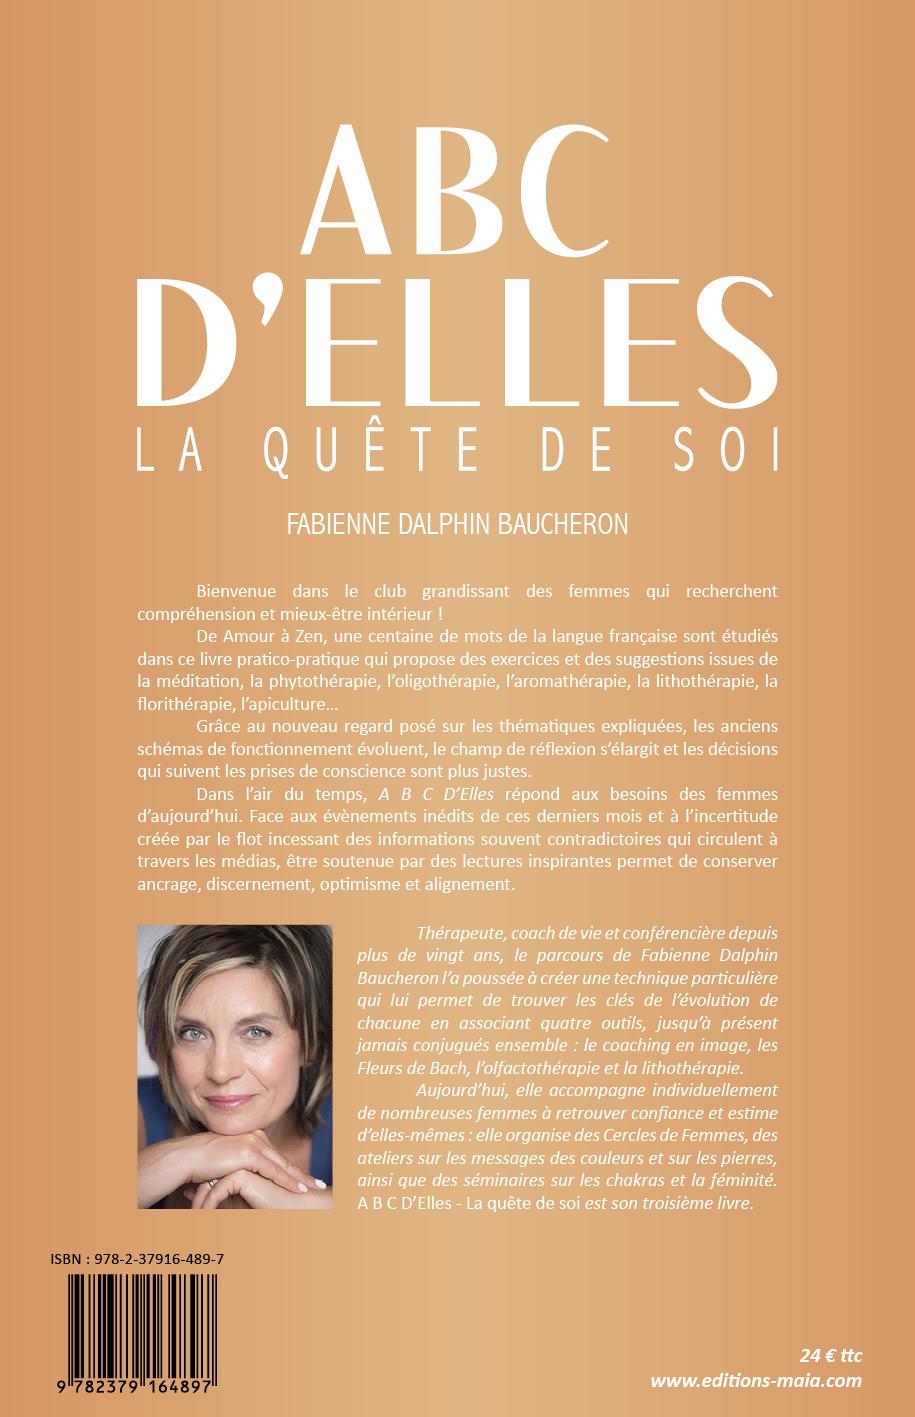 ABD D'Elles Fabienne Dalphin Baucheron2 (1)